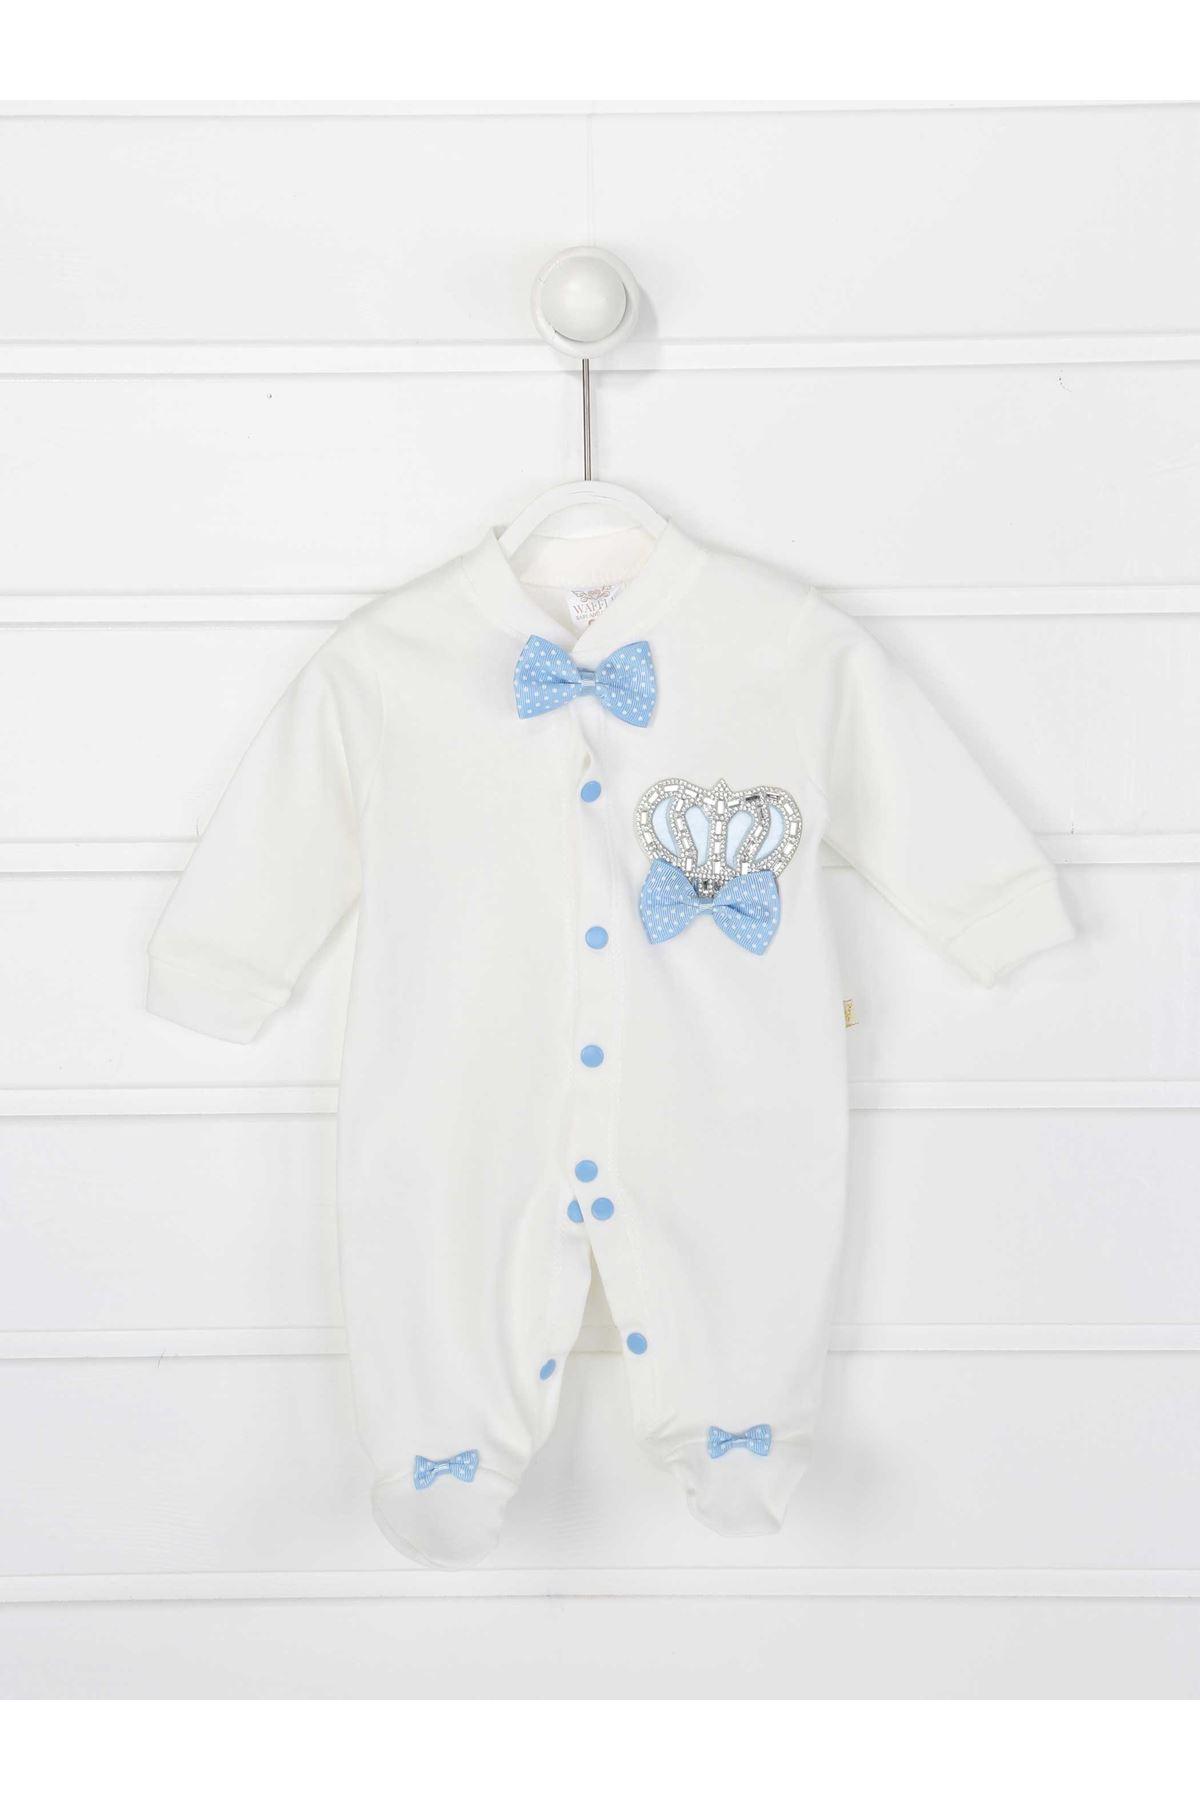 Mavi Kral Taçlı Erkek Bebek 3 lü Tulum